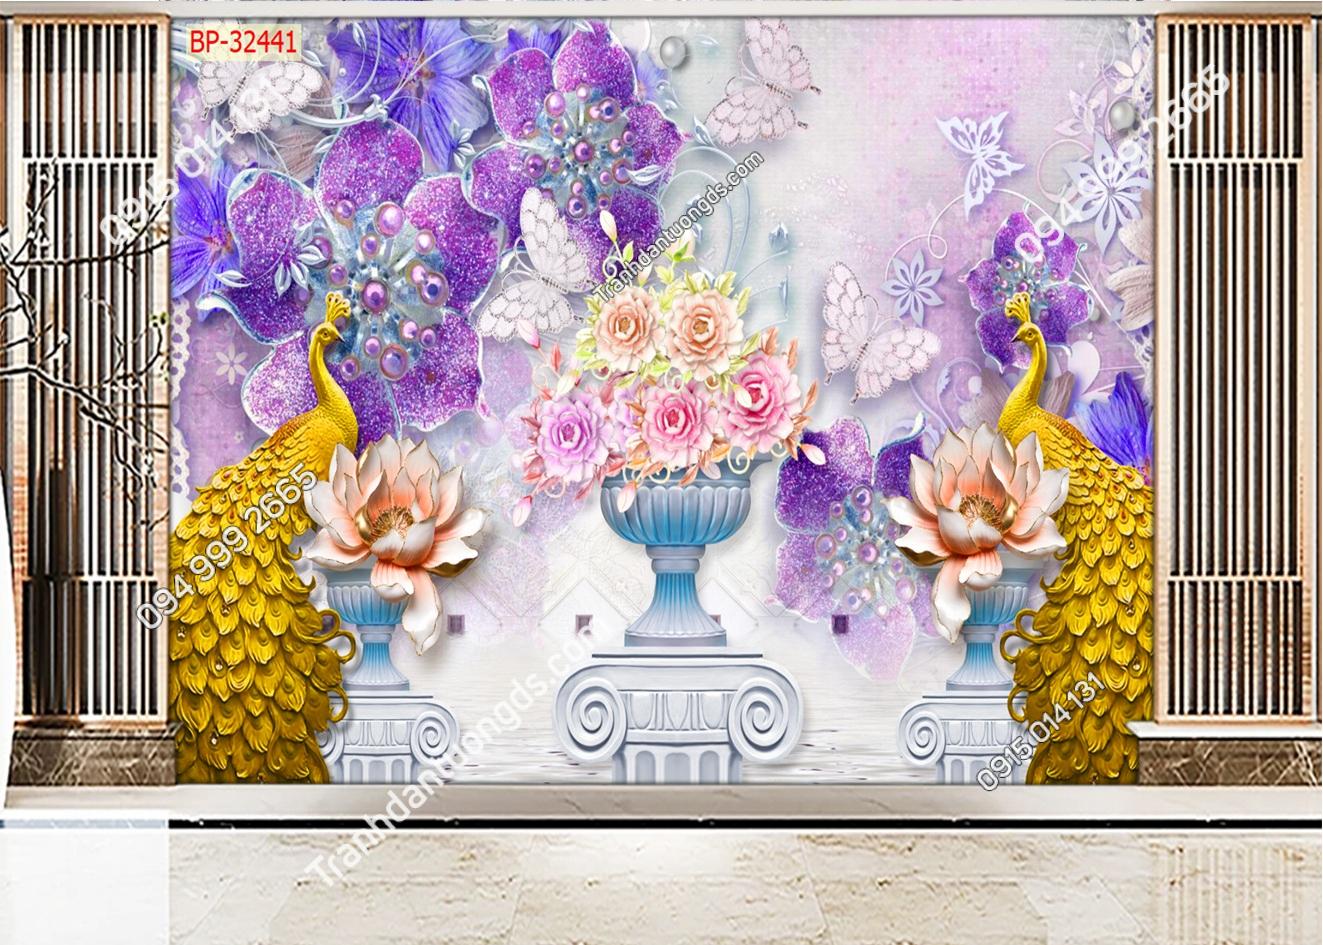 Tranh dán tường đôi chim công vàng 32441